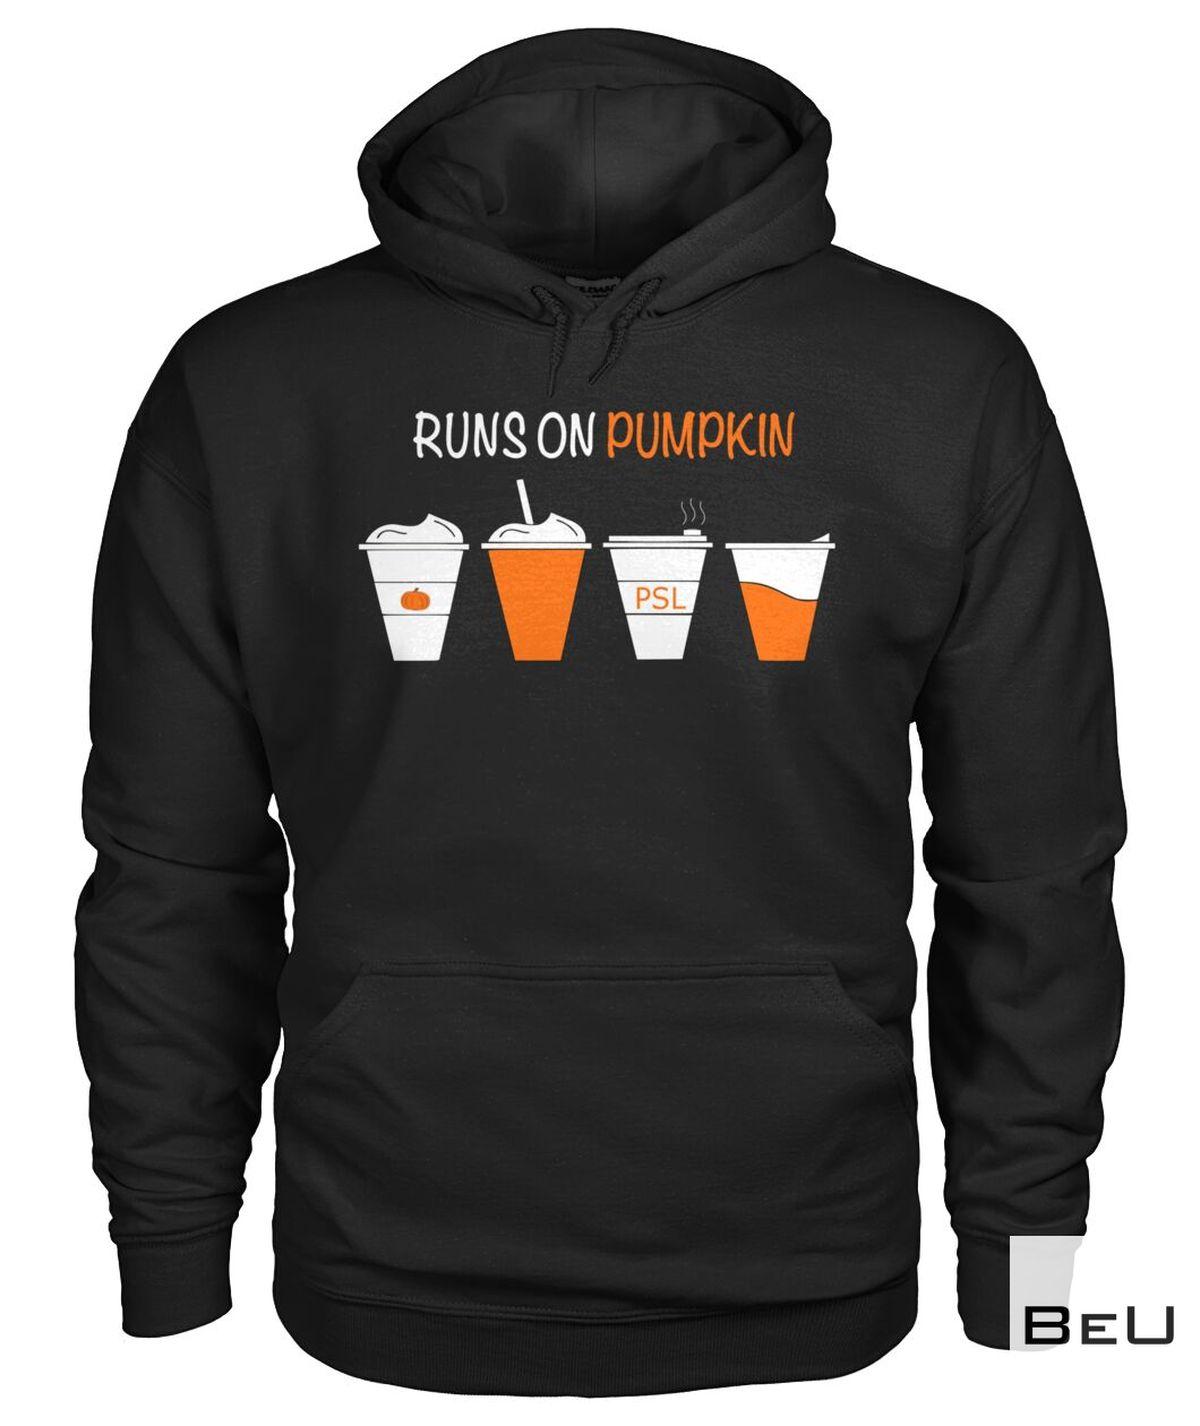 Buy In US Runs On Pumpkin Shirt, Hoodie, Tank Top